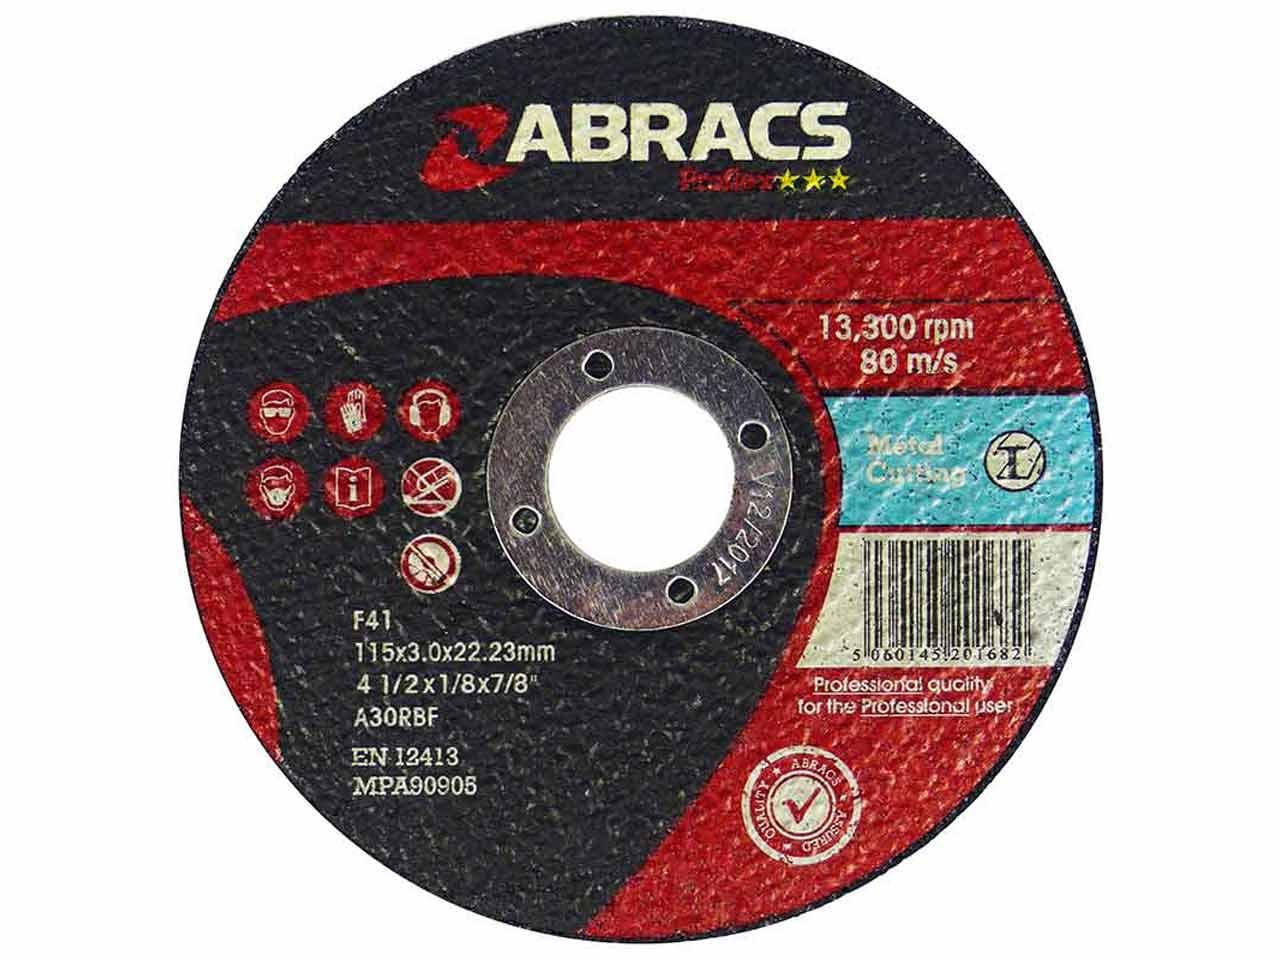 Abracs_PF3003020FS.jpg